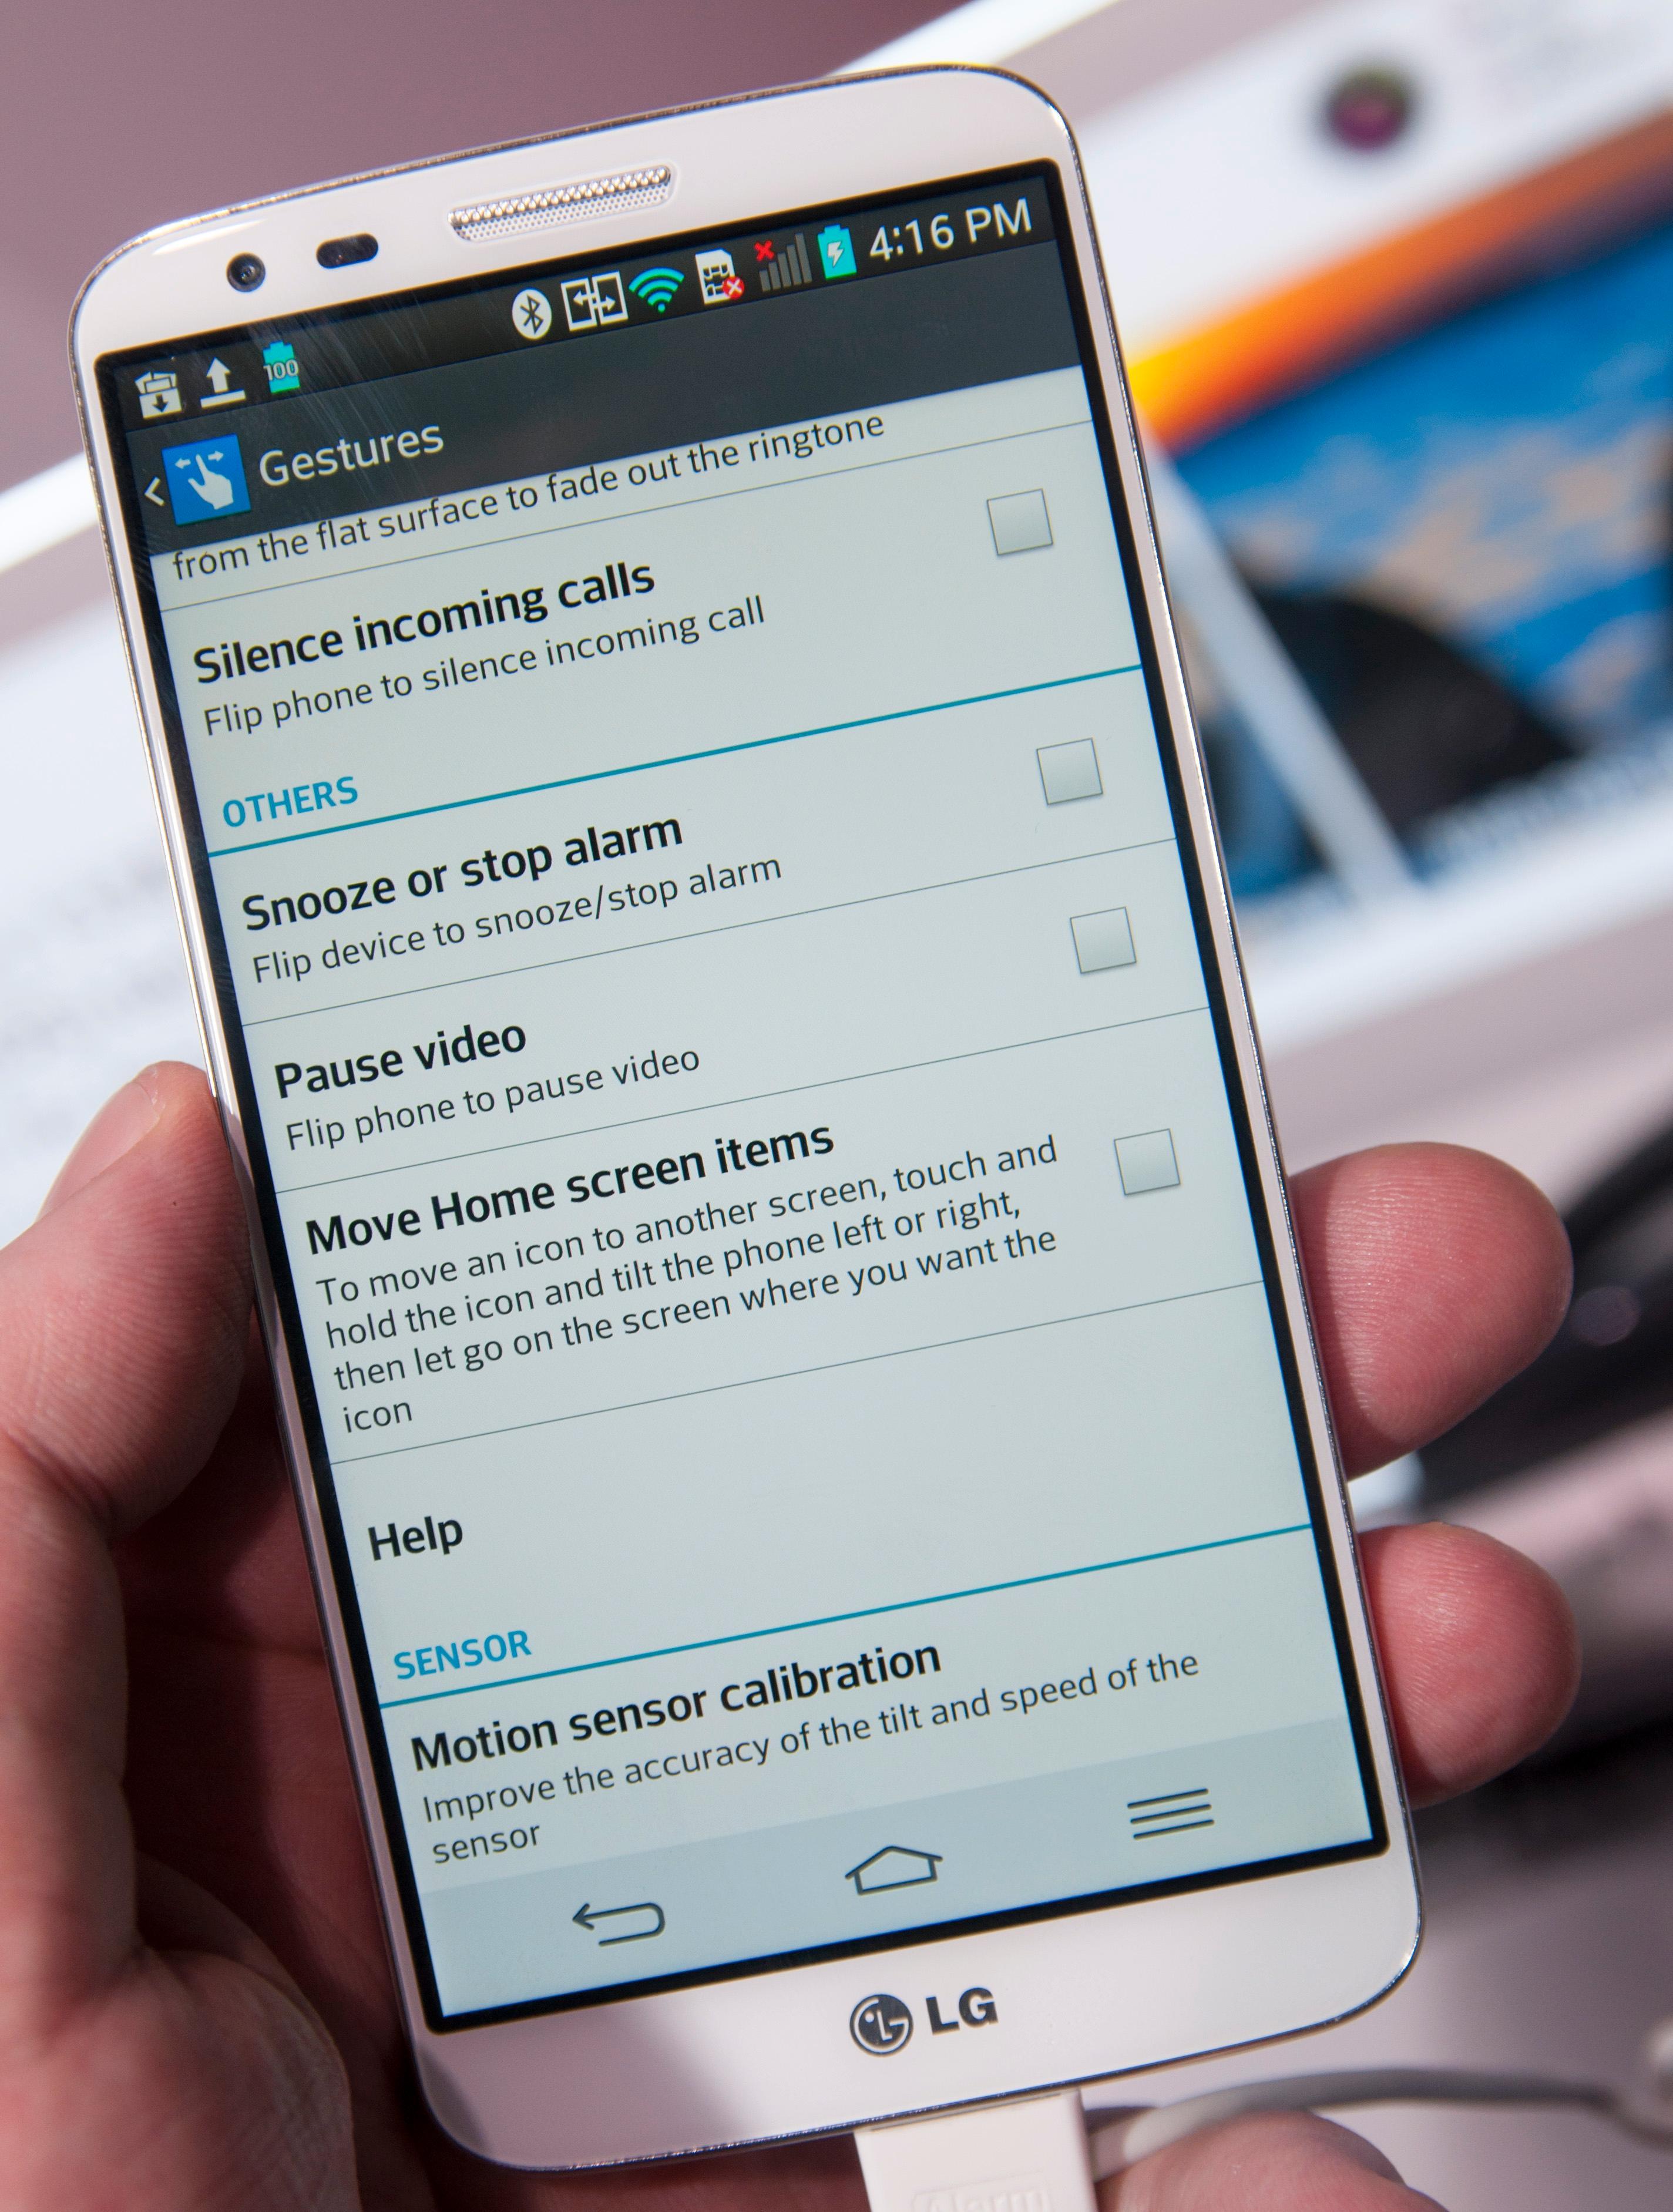 Produsentene av Android-telefoner stjeler funksjoner fra hverandre for tiden, og LG G2 har mange funksjoner vi har sett før, både fra LG og andre.Foto: Finn Jarle Kvalheim, Amobil.no